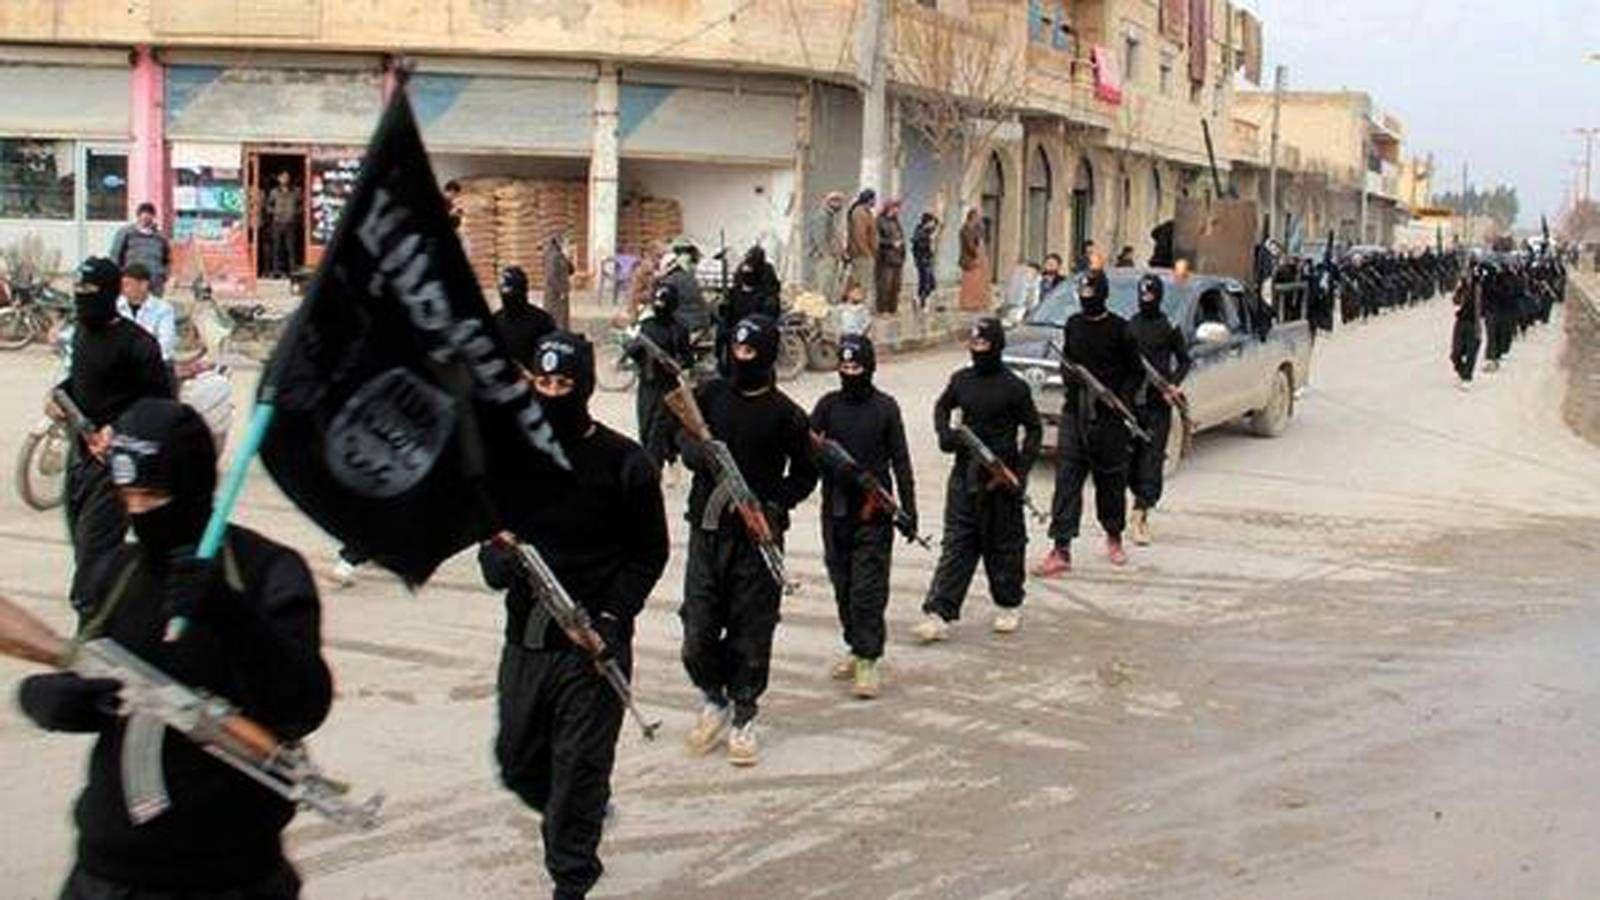 KRIG MOT TERROR: Norge gjør rett i å bidra i kampen mot terrorgruppen IS. Men krigen mot IS kan ikke bli en konflikt mellom Vesten og radikal islam.